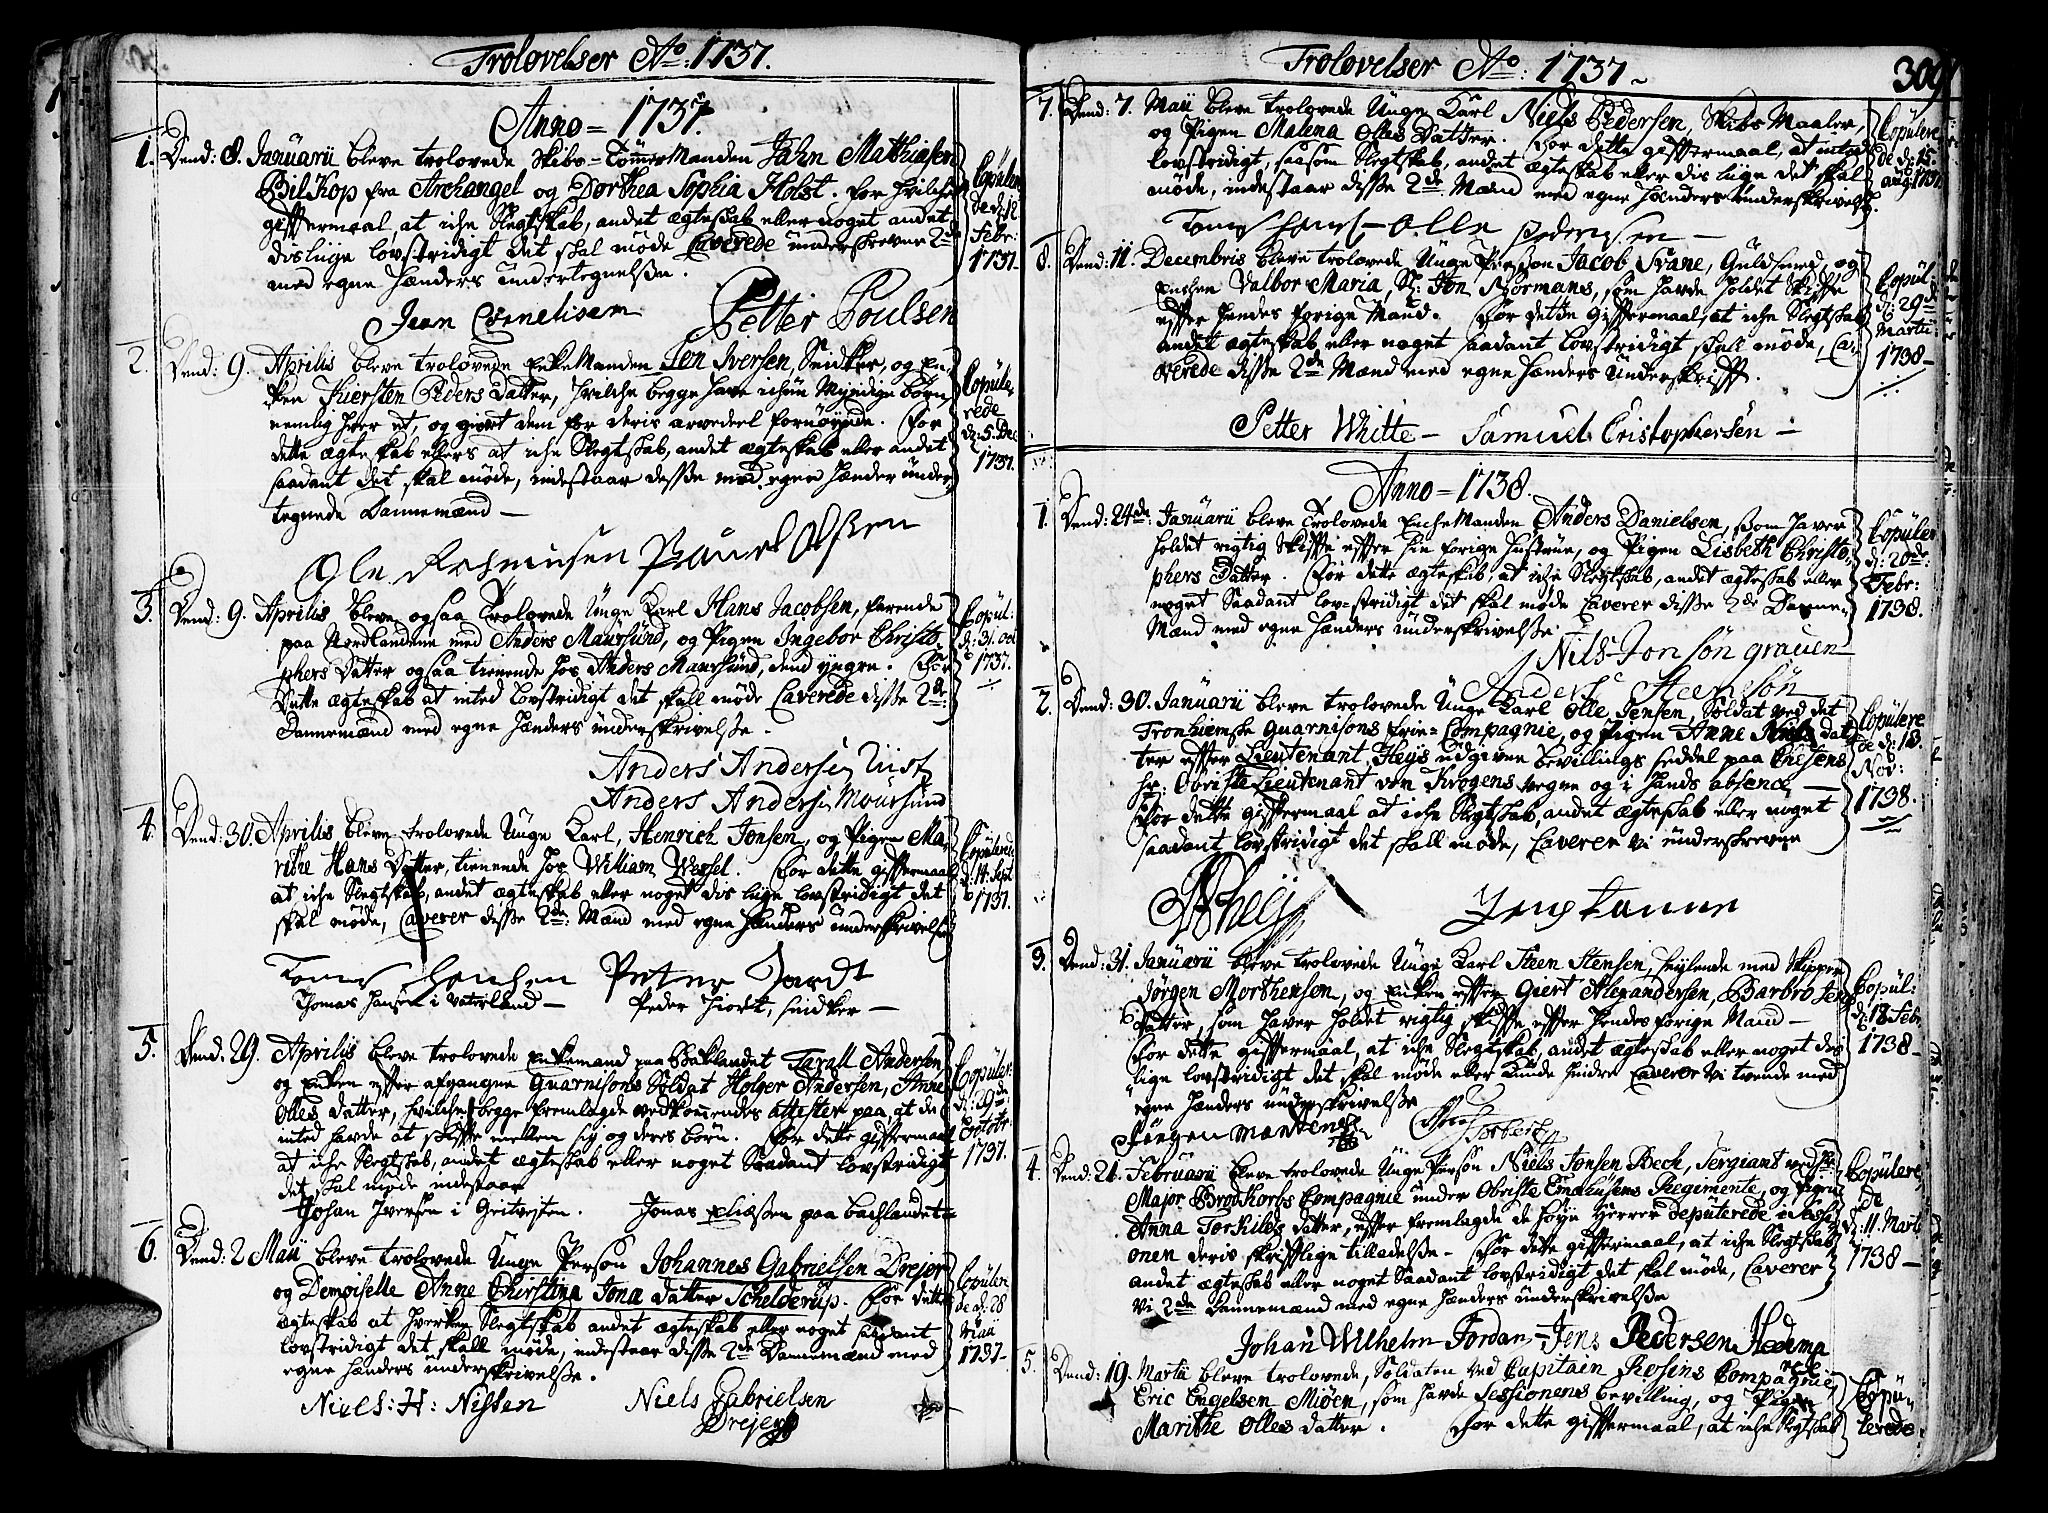 SAT, Ministerialprotokoller, klokkerbøker og fødselsregistre - Sør-Trøndelag, 602/L0103: Ministerialbok nr. 602A01, 1732-1774, s. 309